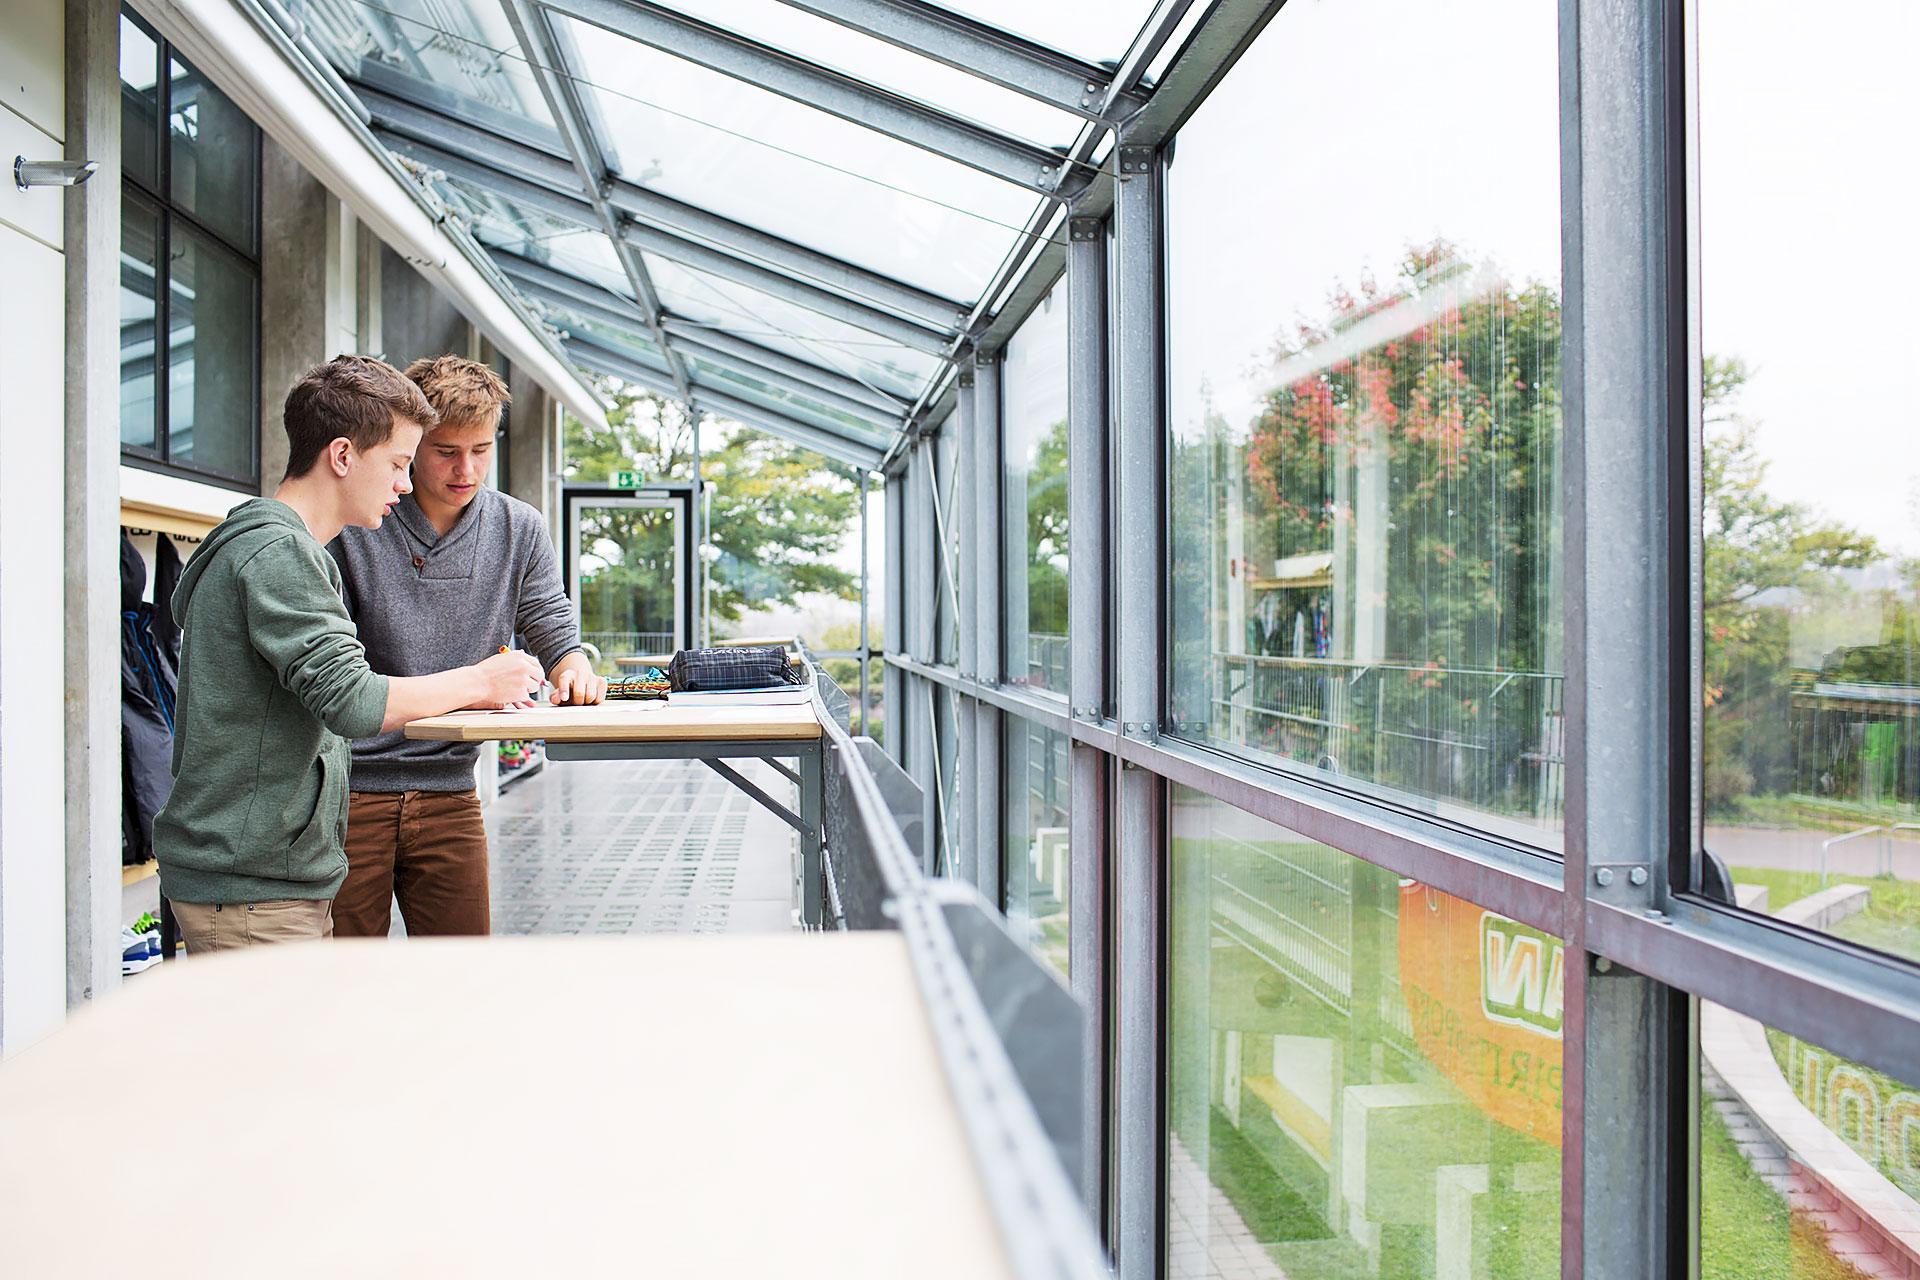 zwei Schüler arbeiten kooperativ an einer Aufgabe an einem Stehpult